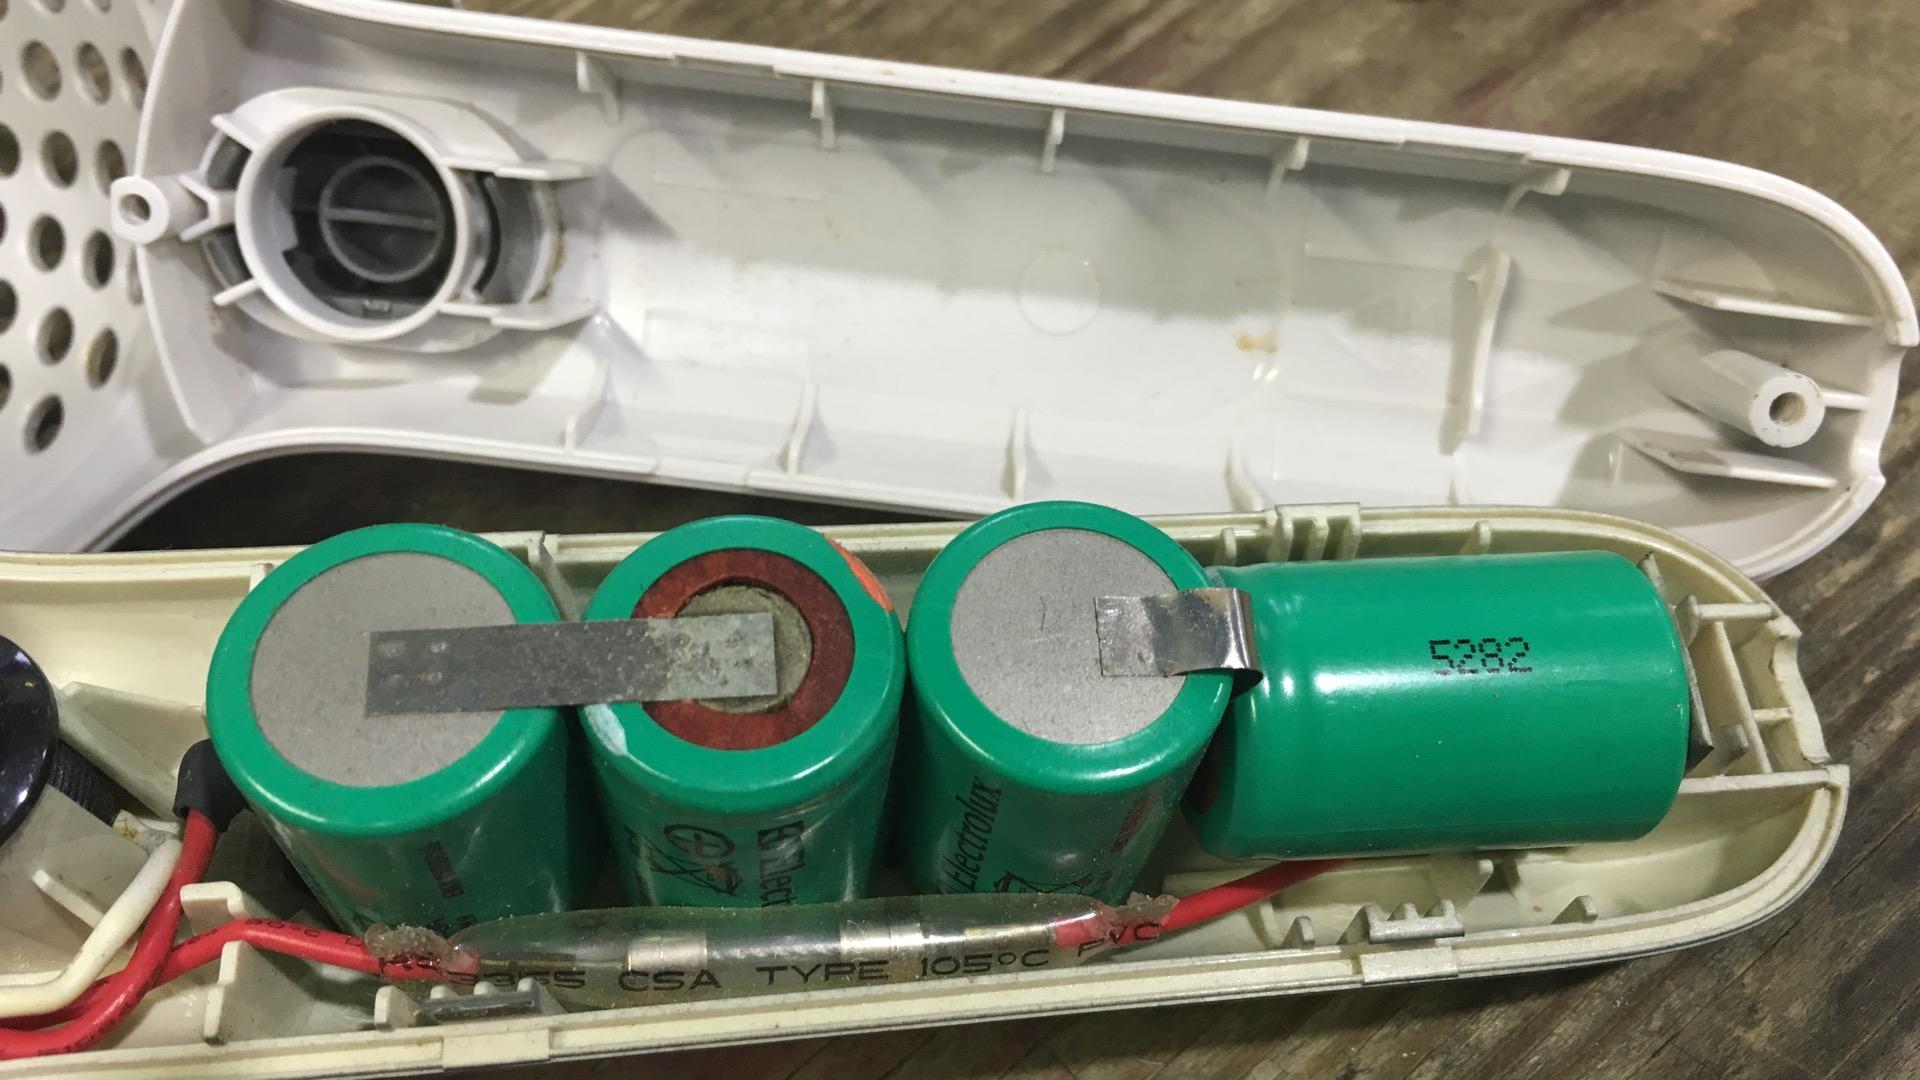 充電式ハンディークリーナー エルゴラピード ZB 271 分解 電池交換(1600css)